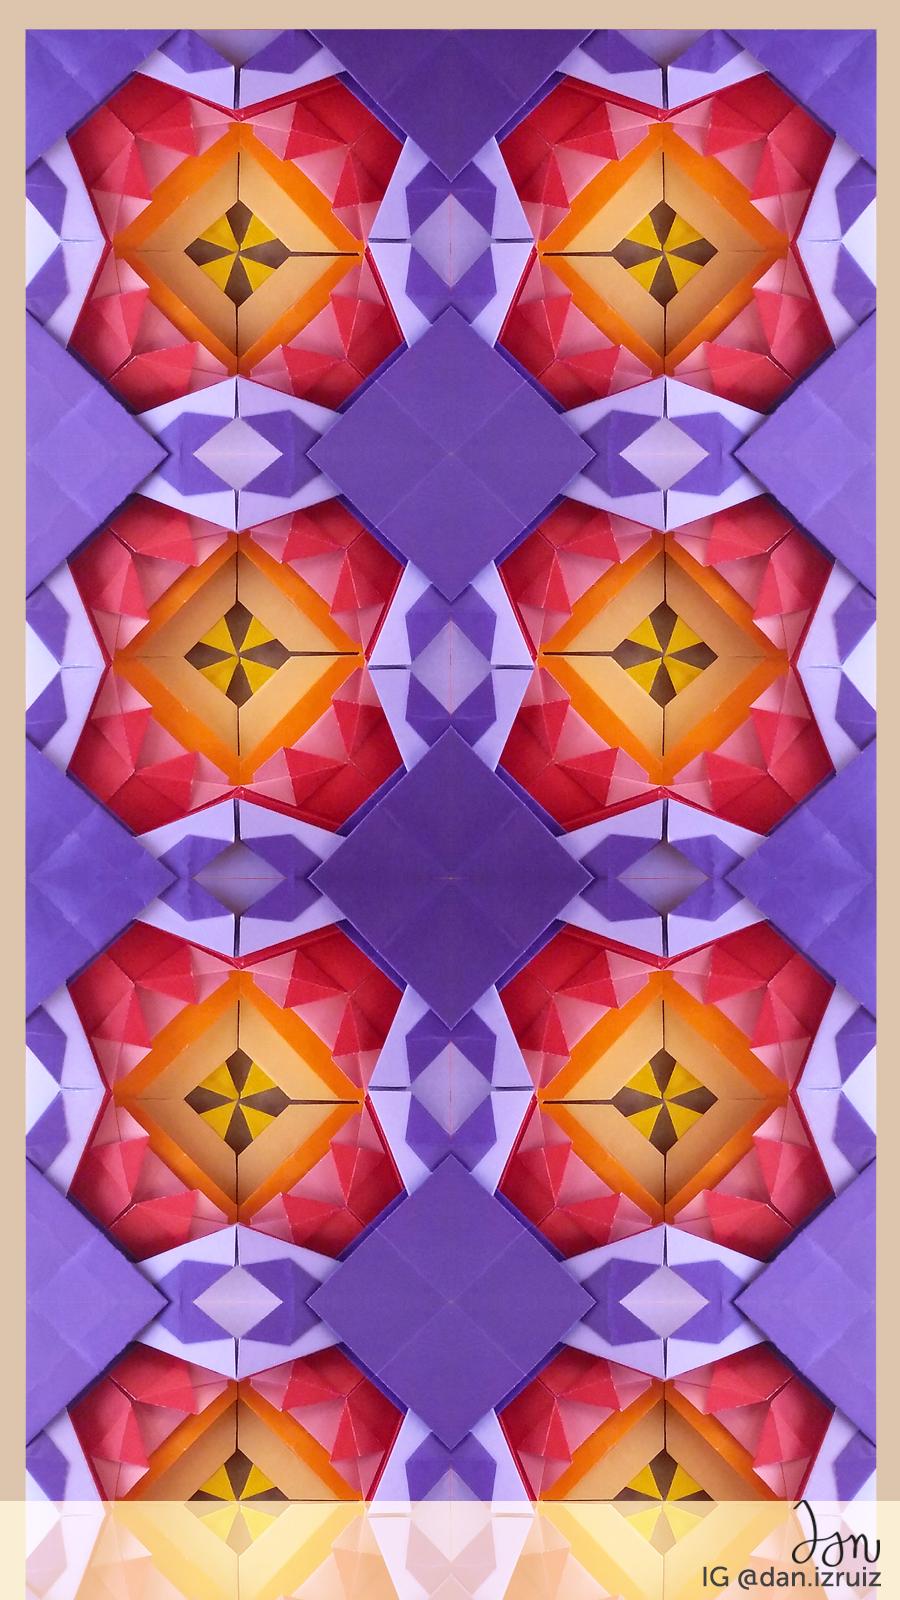 Origami phone wallpaper